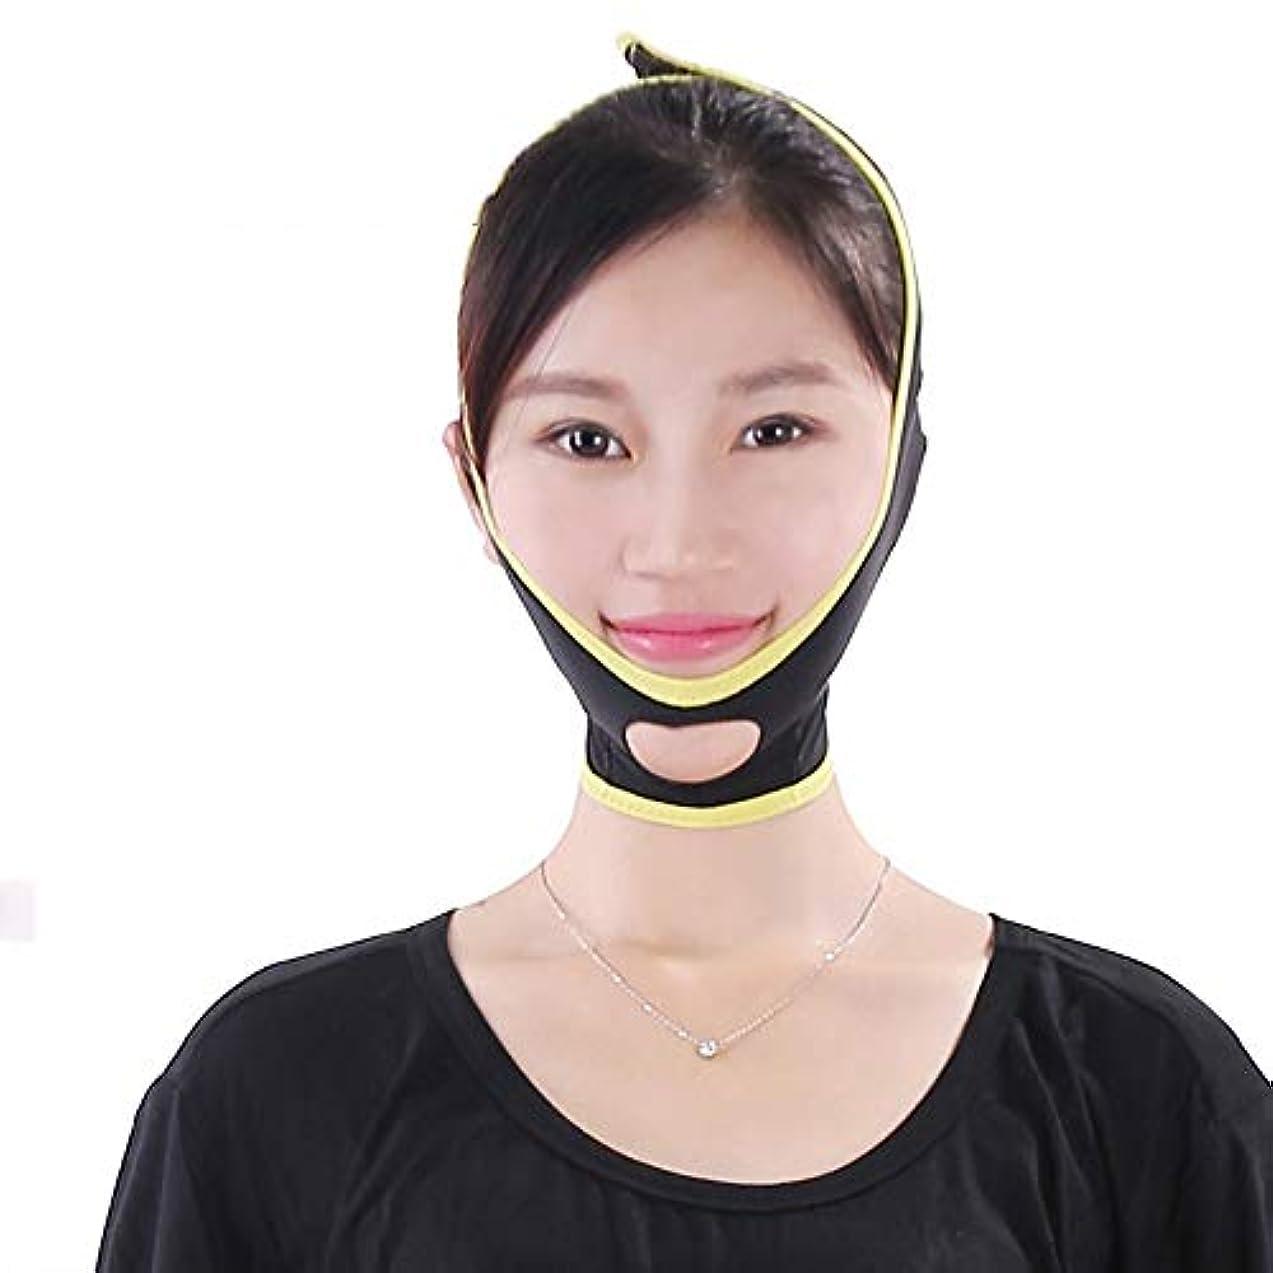 偽物ヒップ導入する男性と女性の顔のマスク、Vの顔の包帯ダブルの顎の圧力レデューサーリフティングパッキング